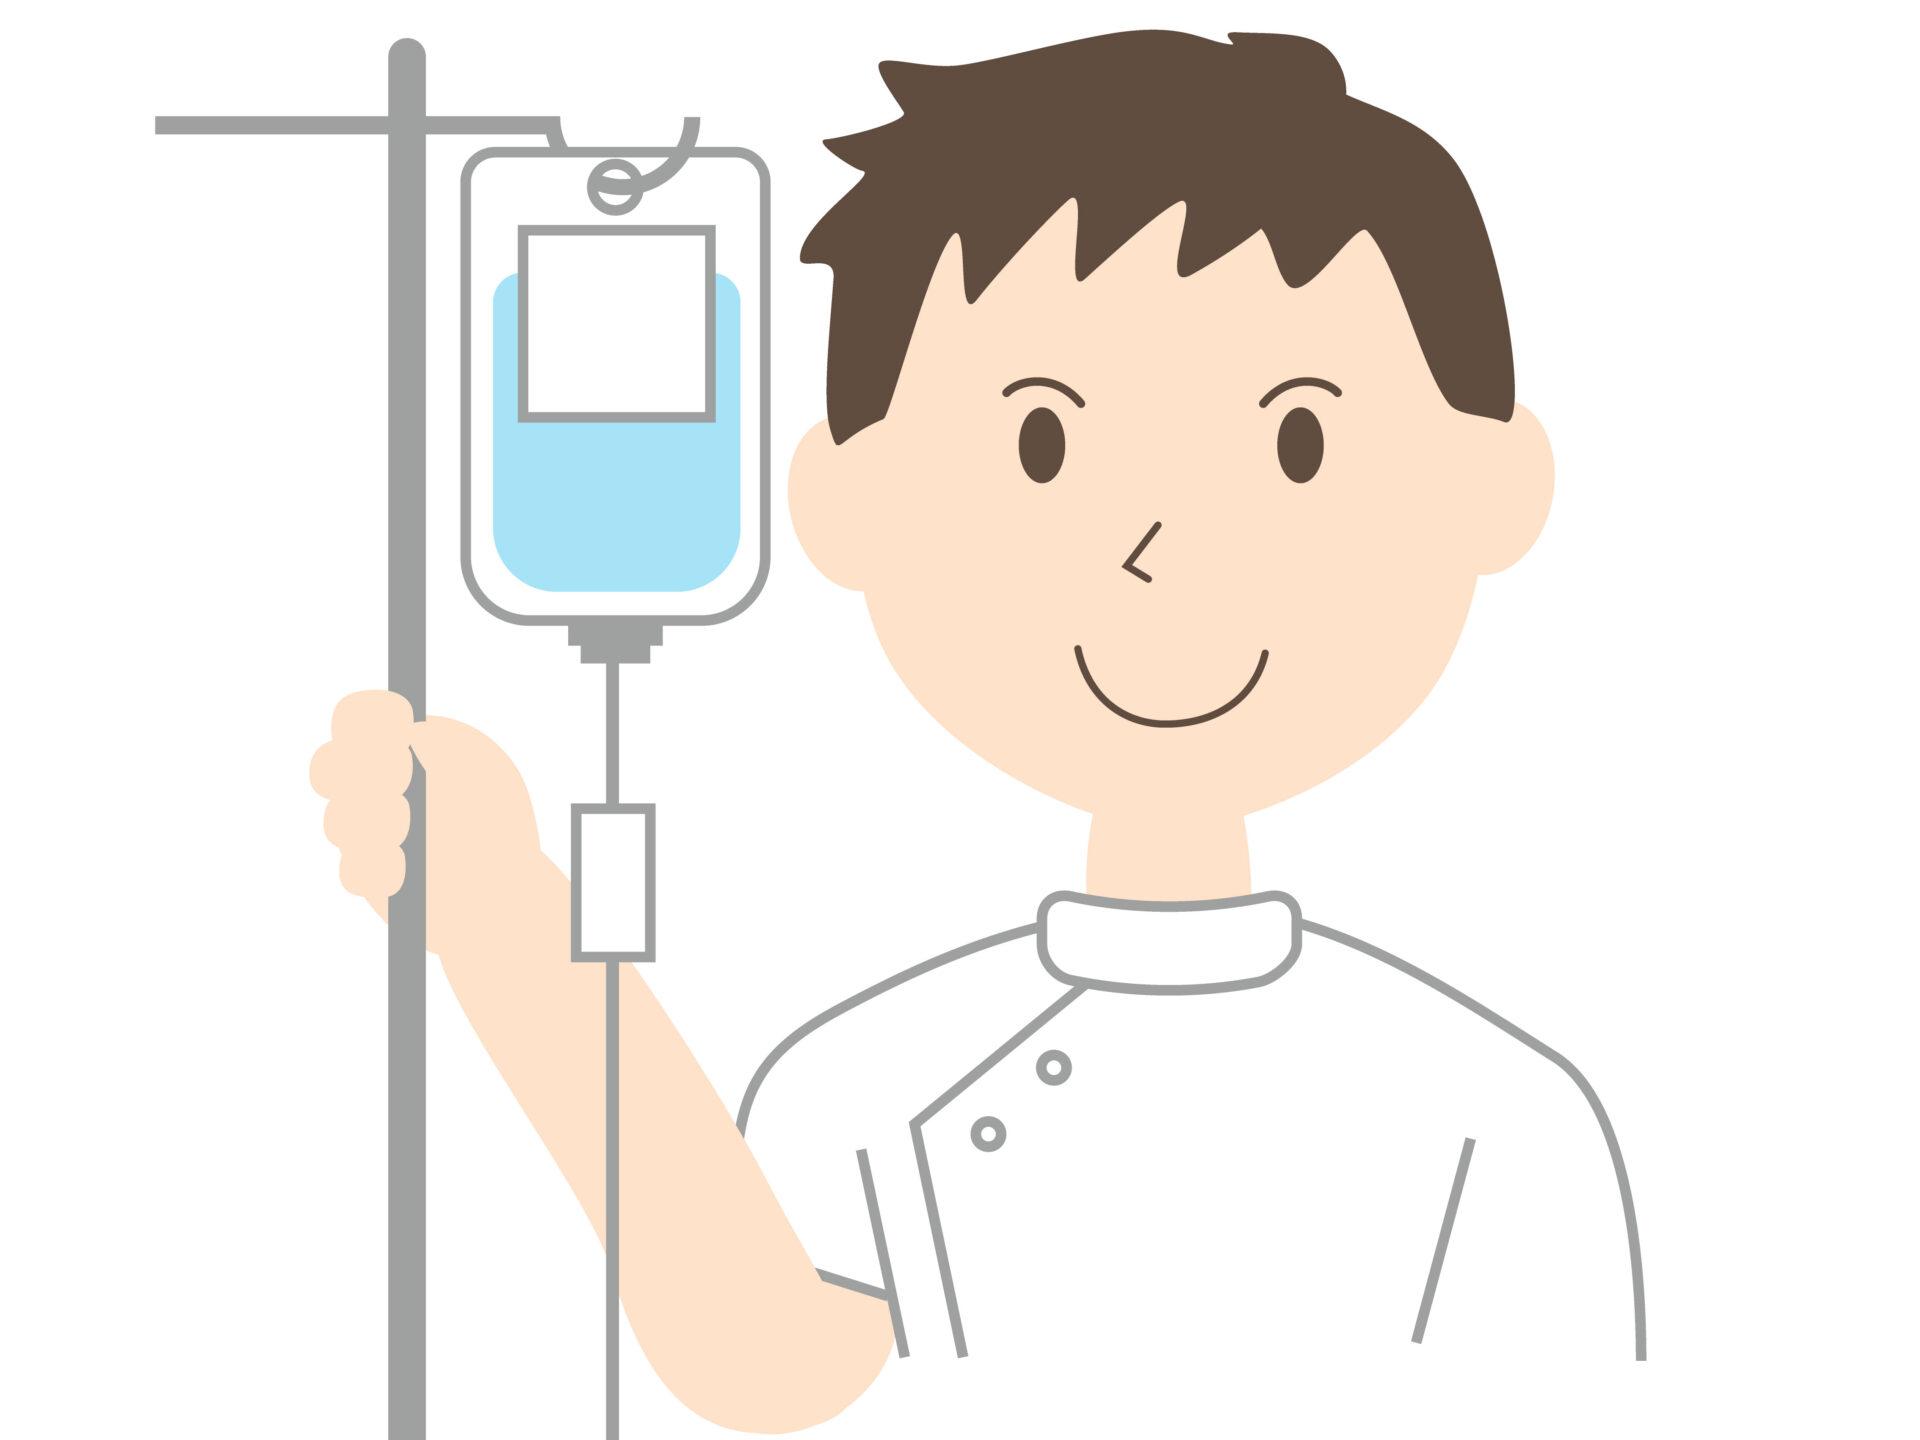 静脈内鎮静法は点滴で少しずつ薬を投与します。